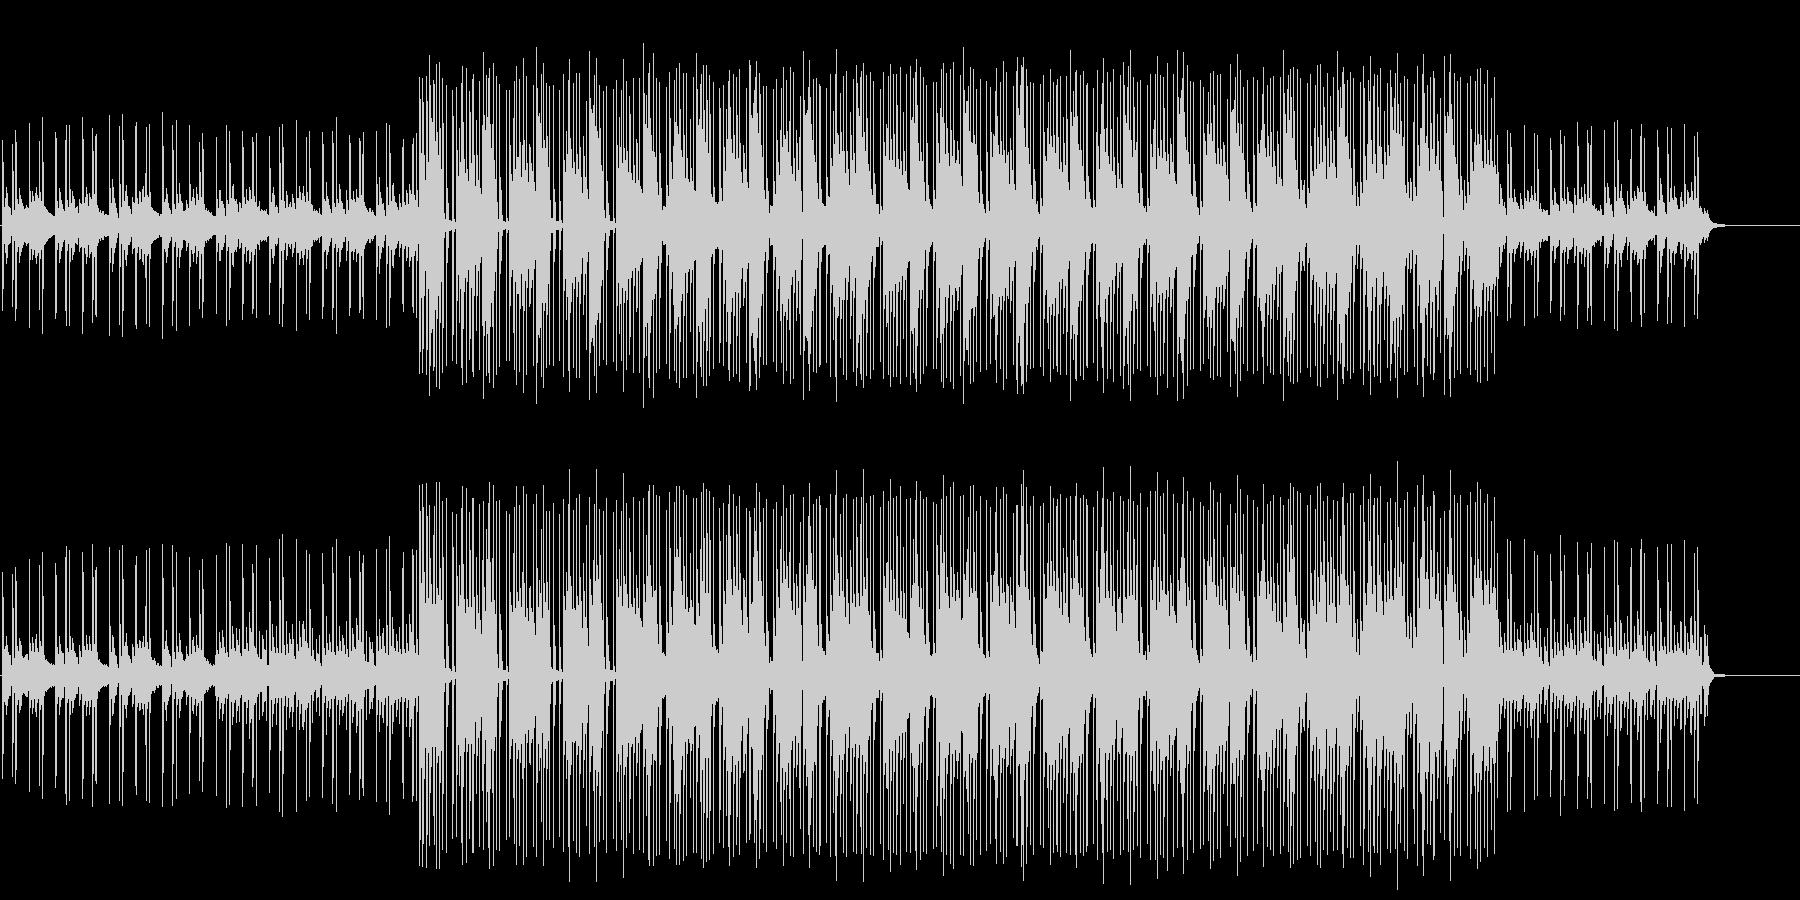 クイズコーナー向けの軽妙なコミカルBGMの未再生の波形